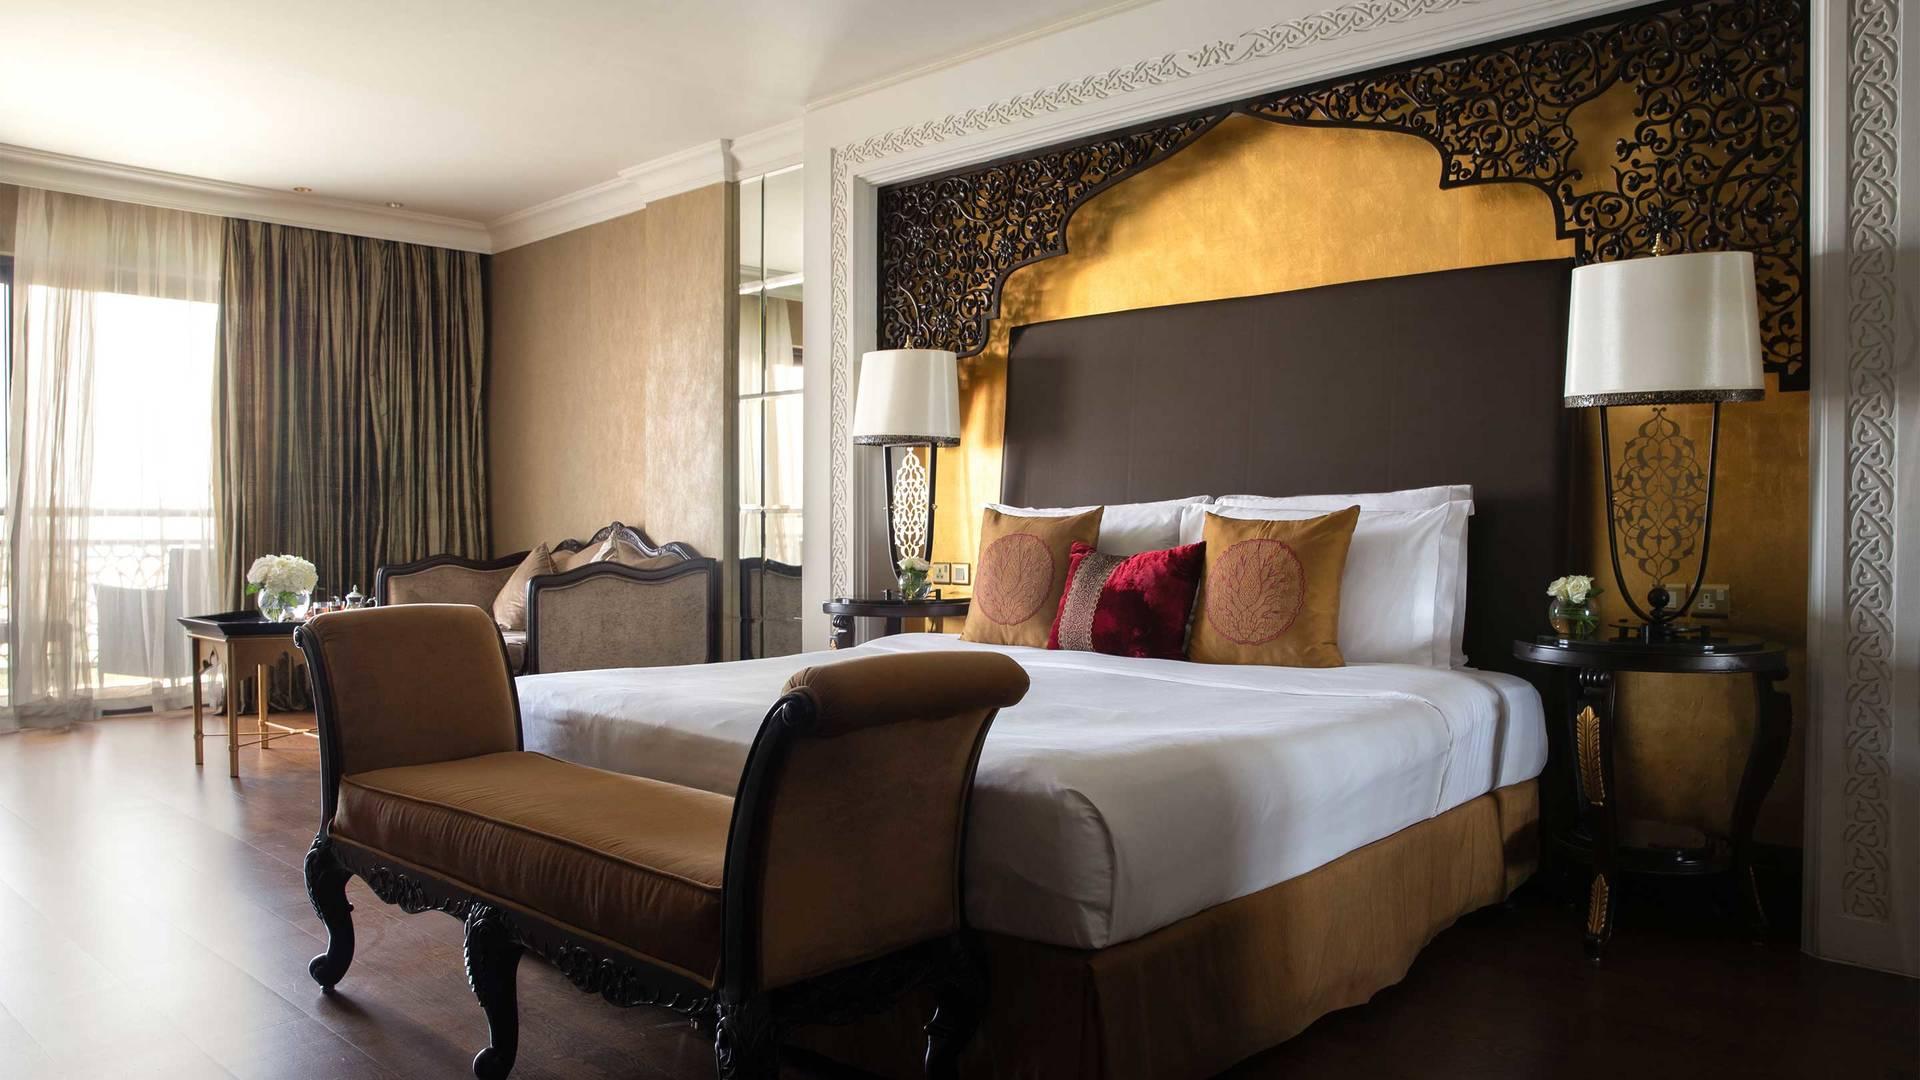 16-9 Room Jumeirah Zabeel Saray Deluxe Arabian King